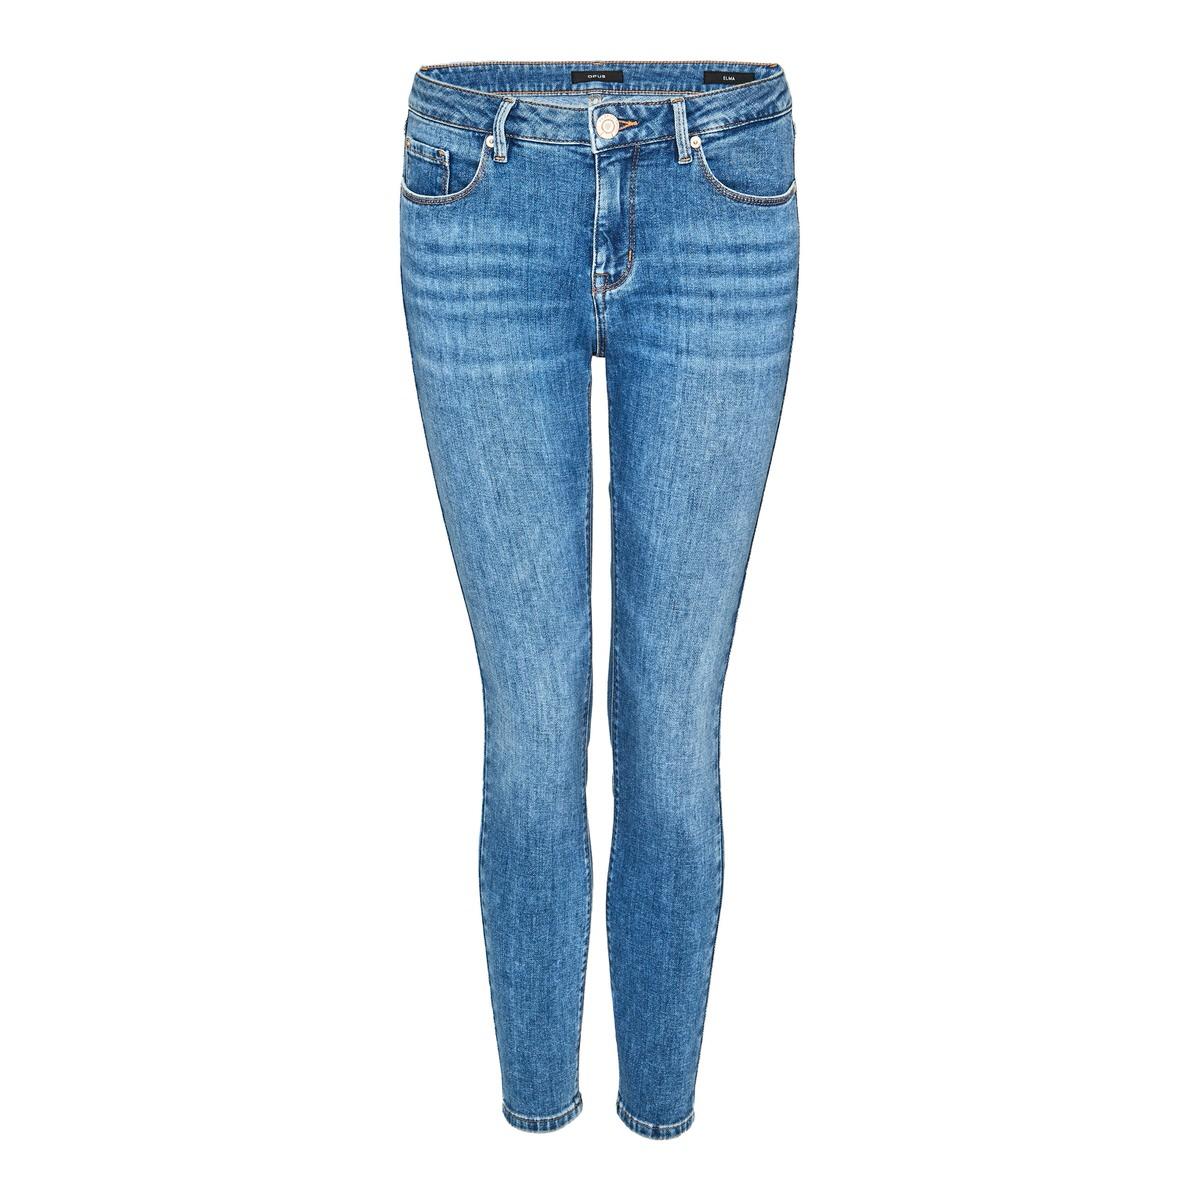 Artikel klicken und genauer betrachten! - Die Skinny Jeans rundet die Kollektion durch die authentische Waschung mit Retro-Charakter ab. Die elastische Baumwoll-Ware überzeugt durch eine hohe Rücksprungkraft und liegt angenehm auf der Haut. Die Jeans ist ein echter Allrounder und darf in keinem Schrank fehlen. Elastische Baumwoll-Qualität, 7/8 Länge, authentische Waschung, Allrounder, das Model ist 177 cm groß und trägt Größe 36. | im Online Shop kaufen